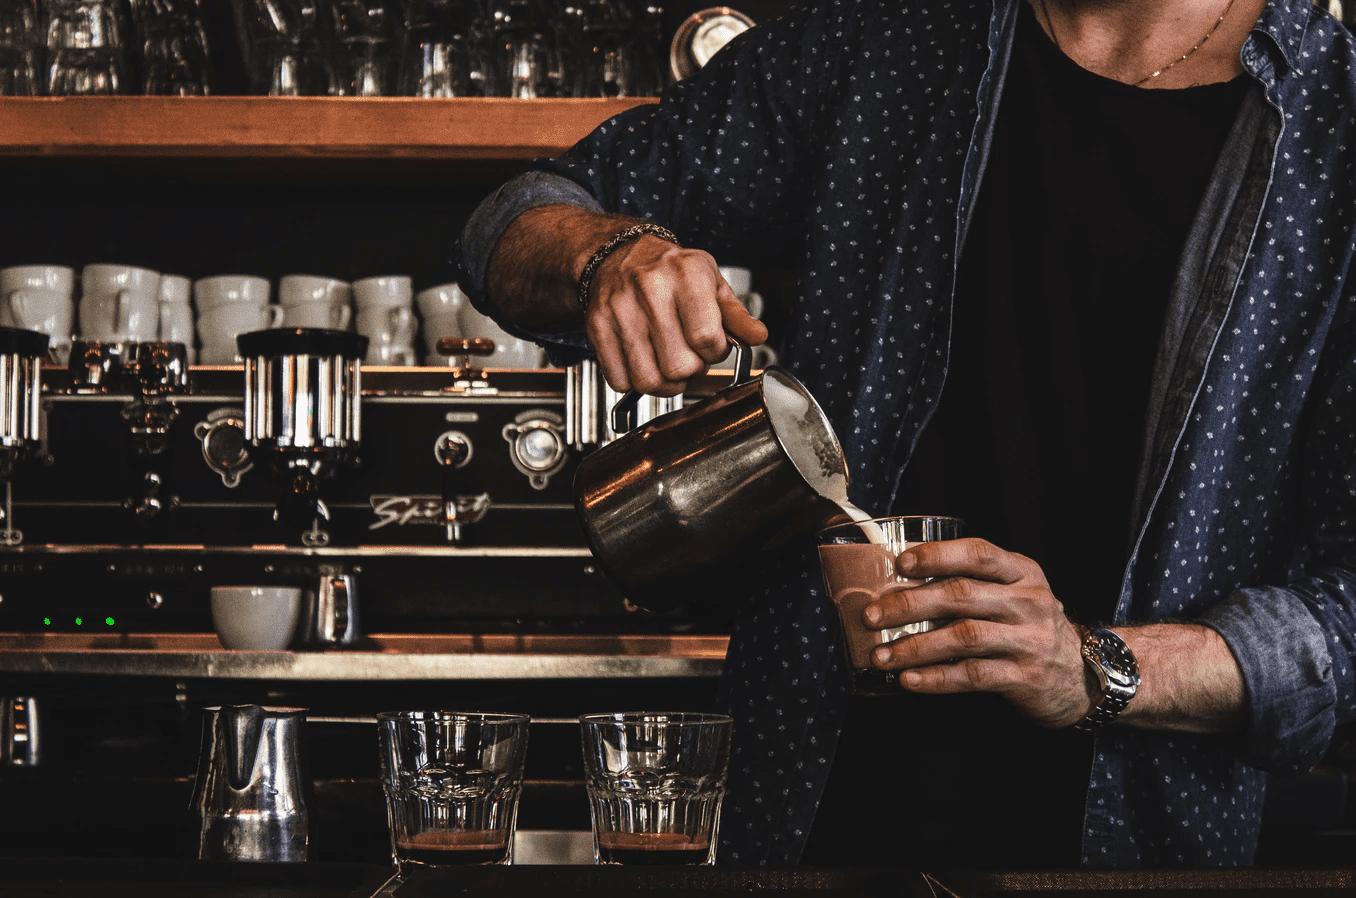 Barista pouring cream in coffee